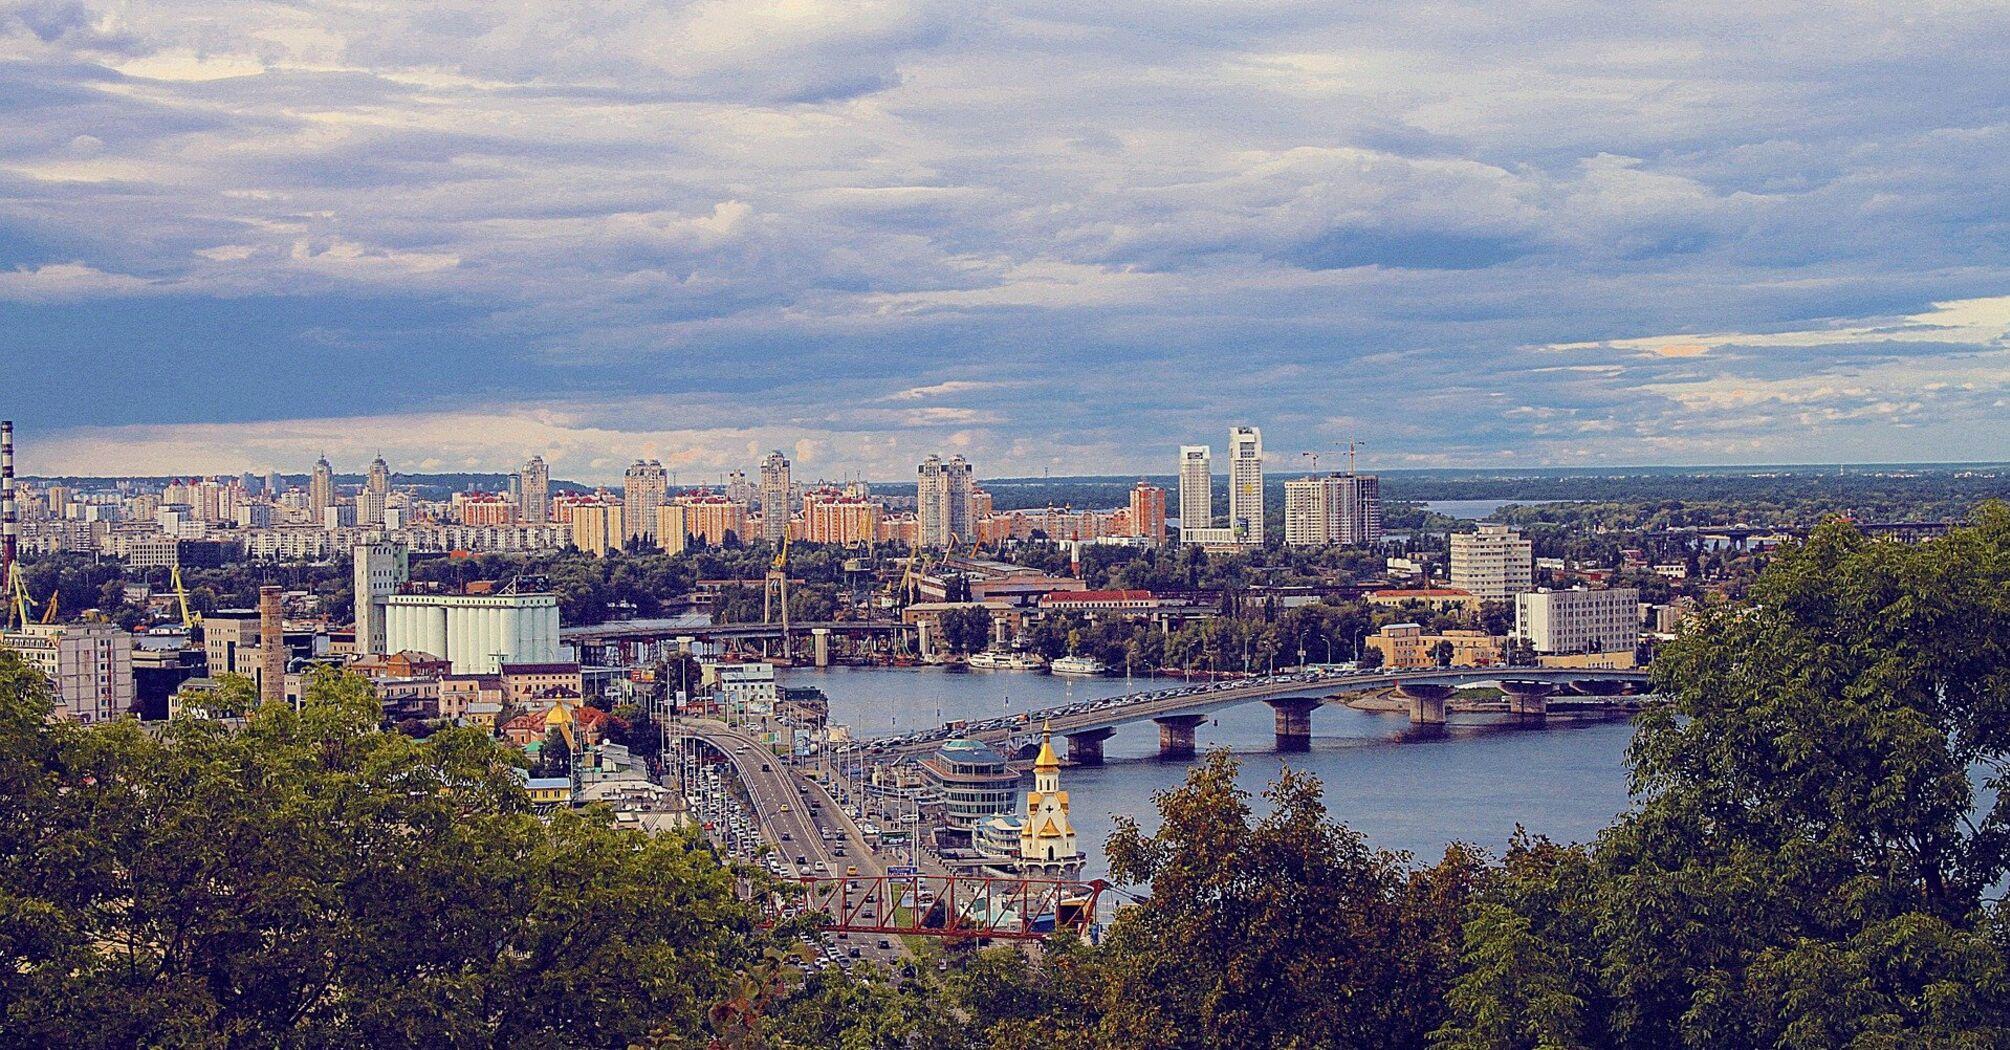 Киевляне в зоне риска: названо количество опасных химических объектов в столице